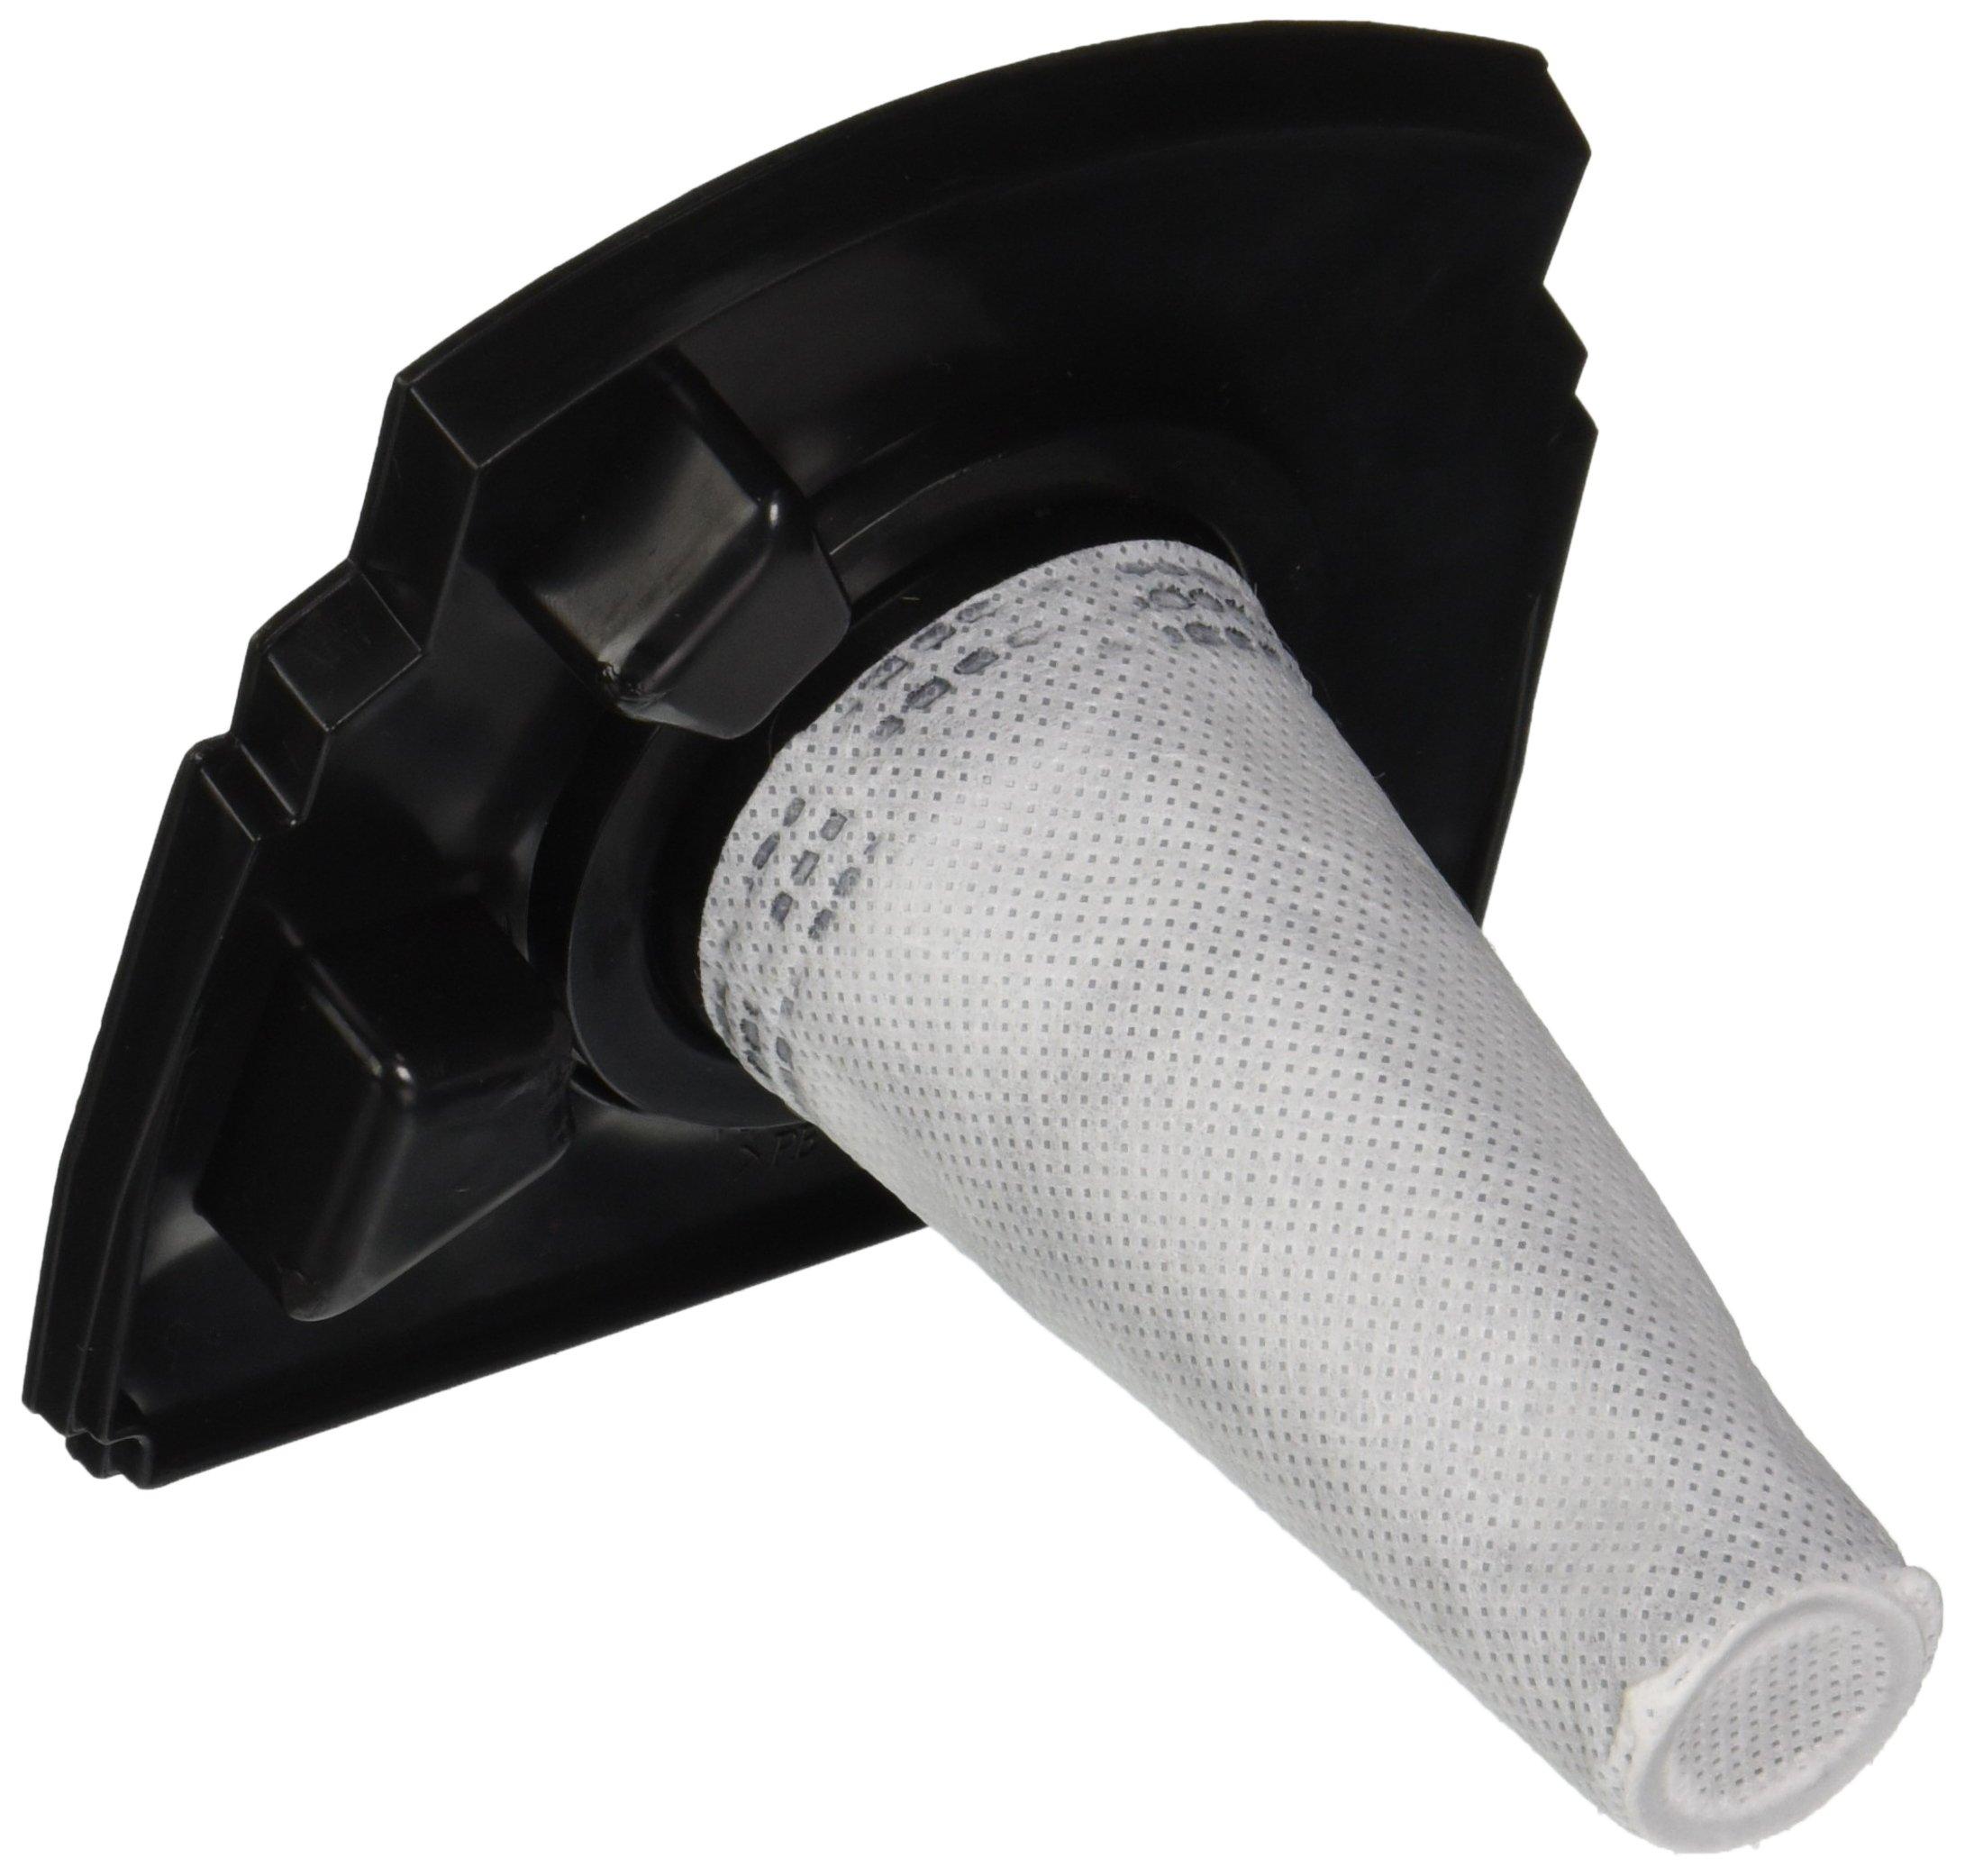 BLACK+DECKER DBSVF10 Dustbuster Stick Vac Replacement Filter